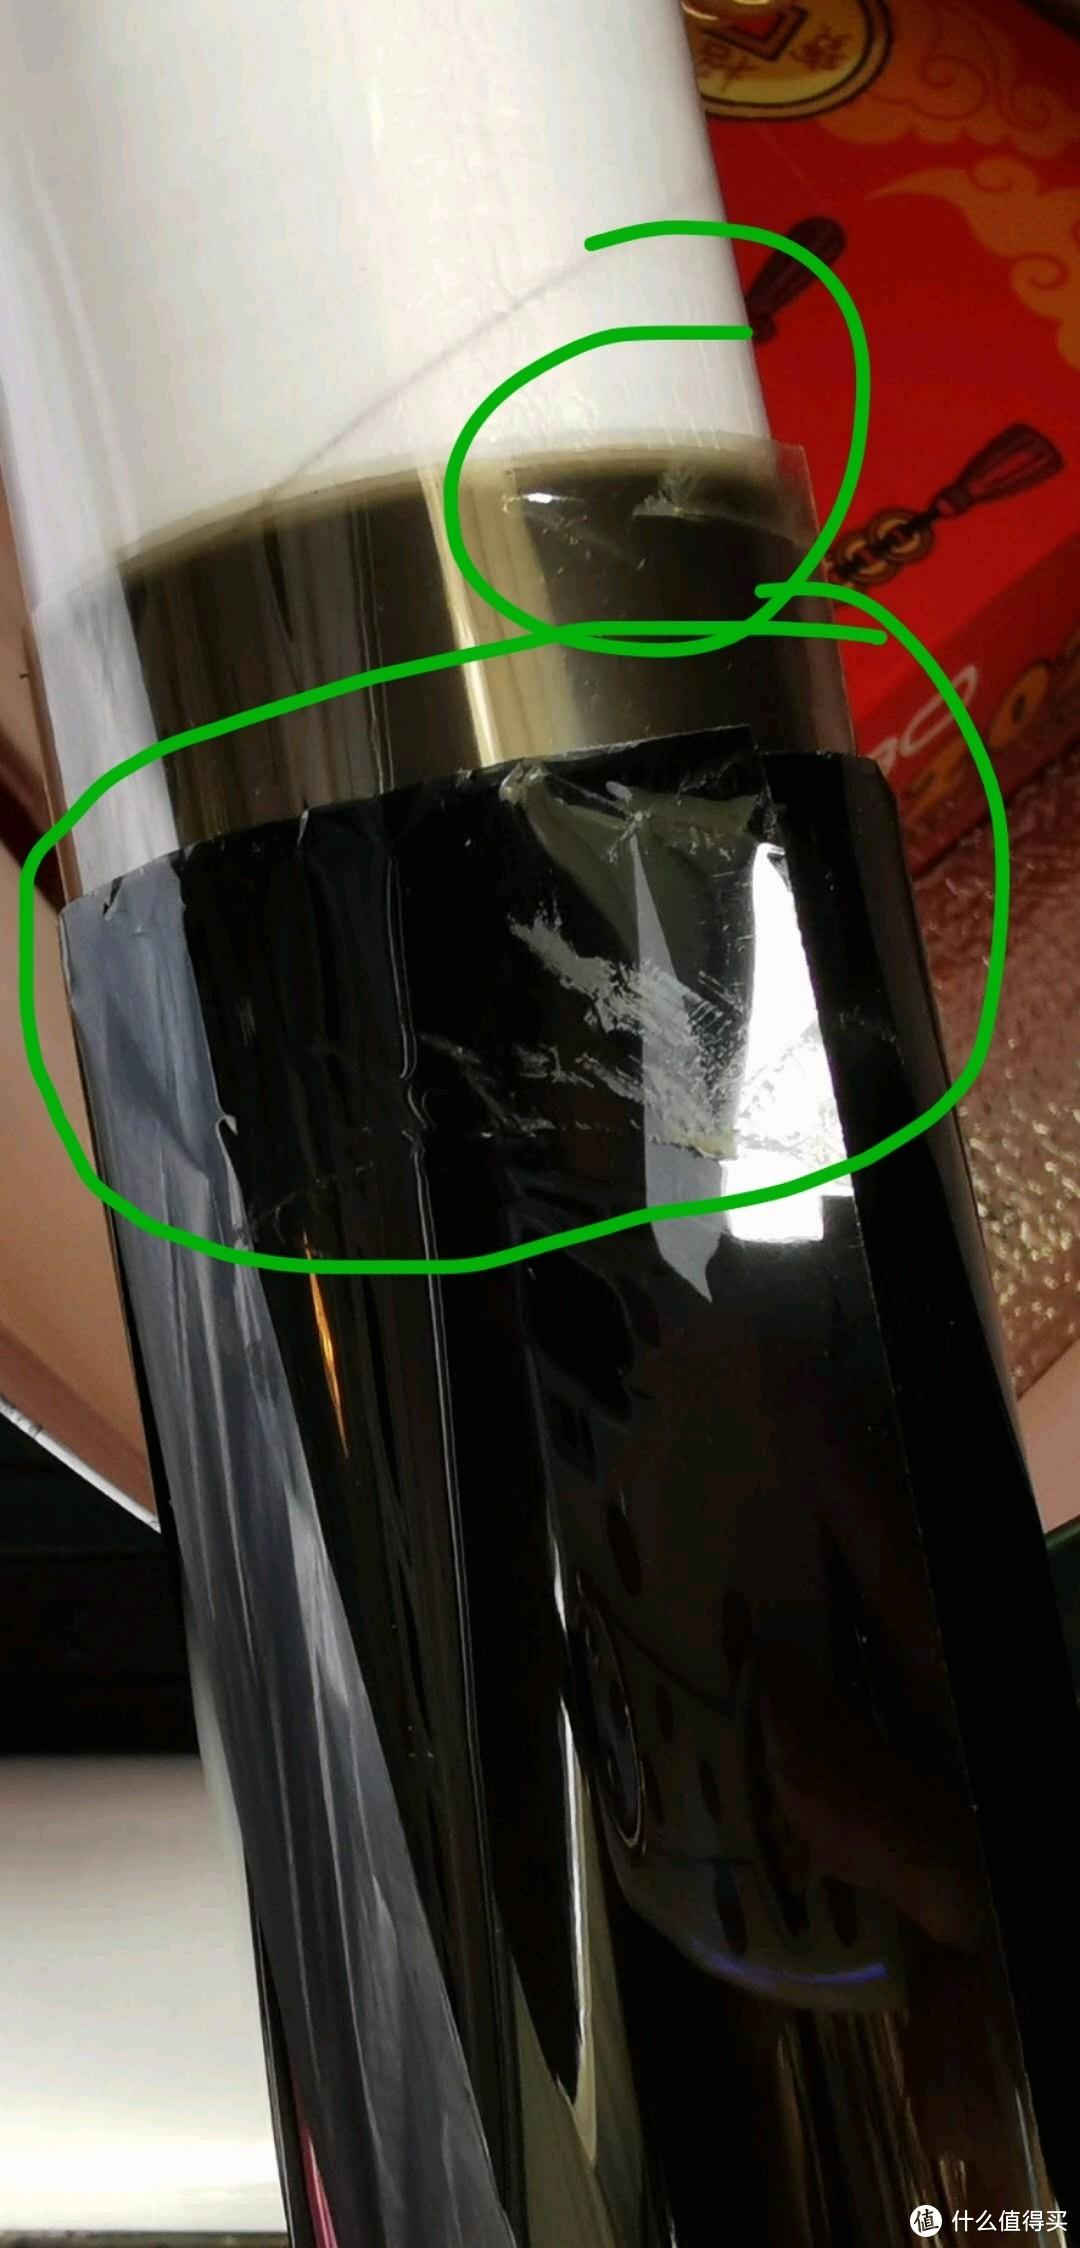 破损的地方不大不小,因为贴过的车友说,膜的量比较少,破损后,不确定还能不能贴全车。